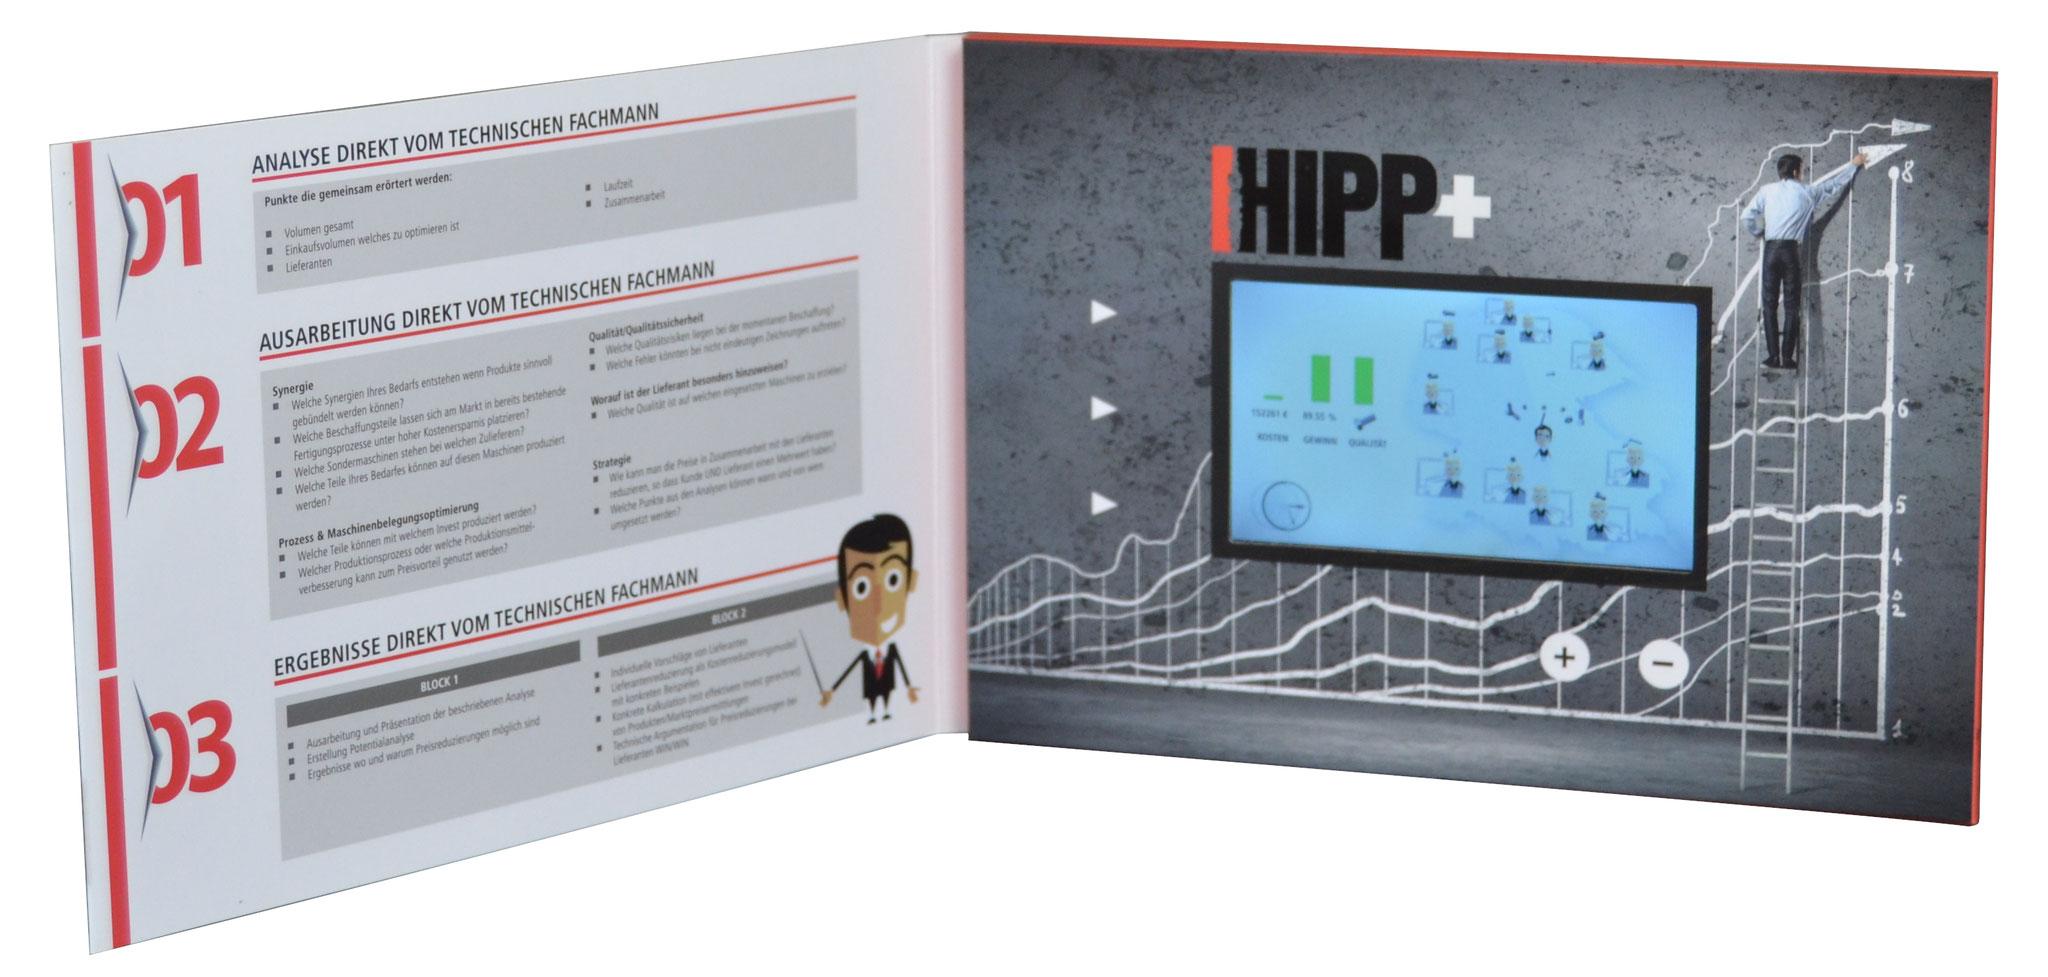 Video-Card Hipp innen